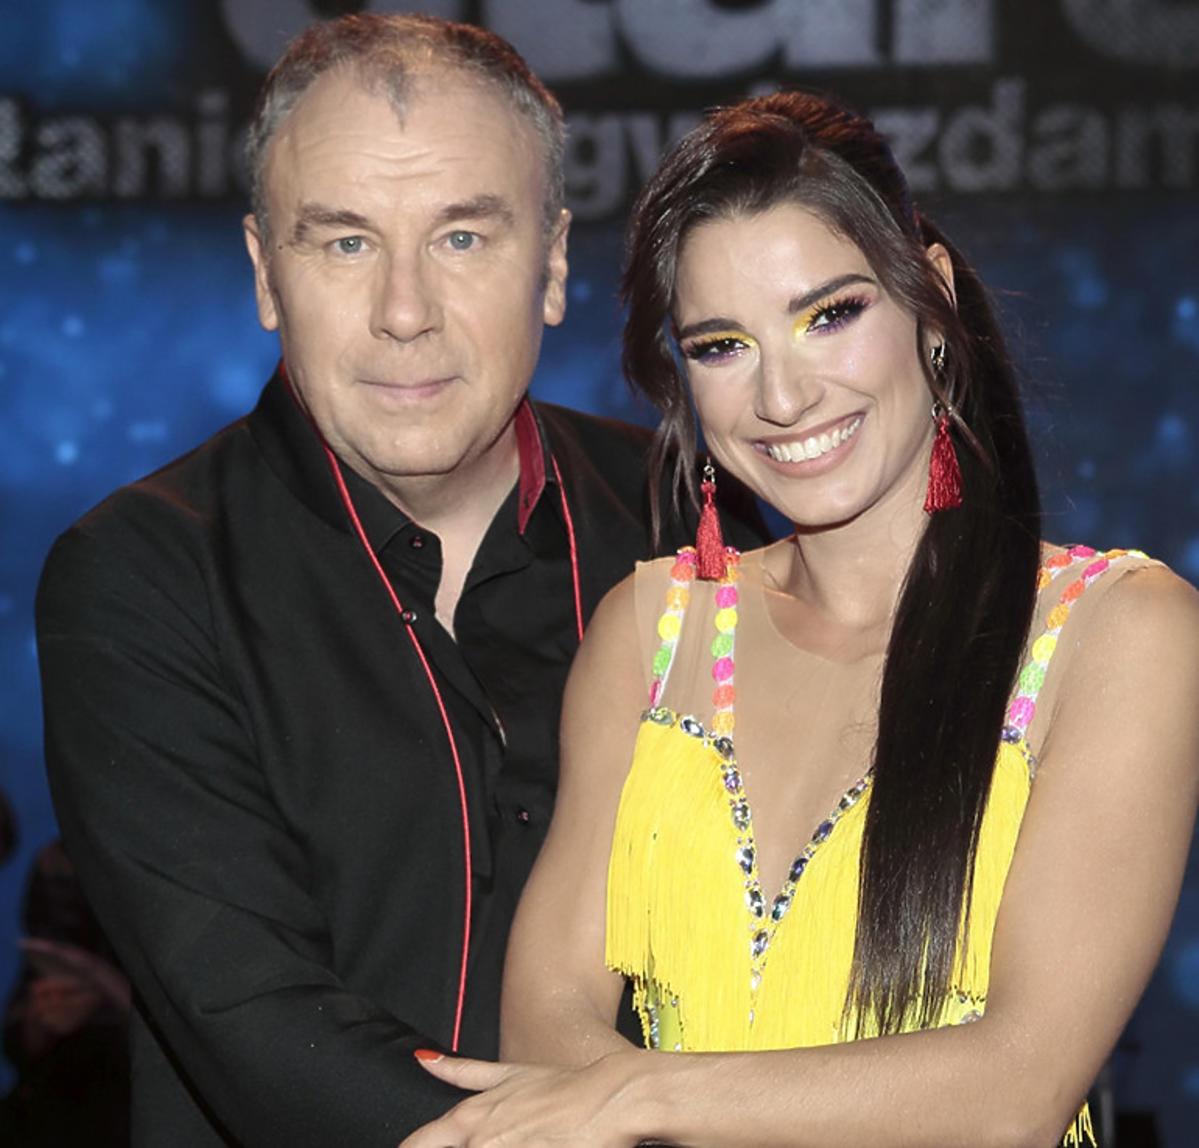 Bogdan Kalus i Lenka Klimentova są na kwarantannie. Czy wystąpią jeszcze w